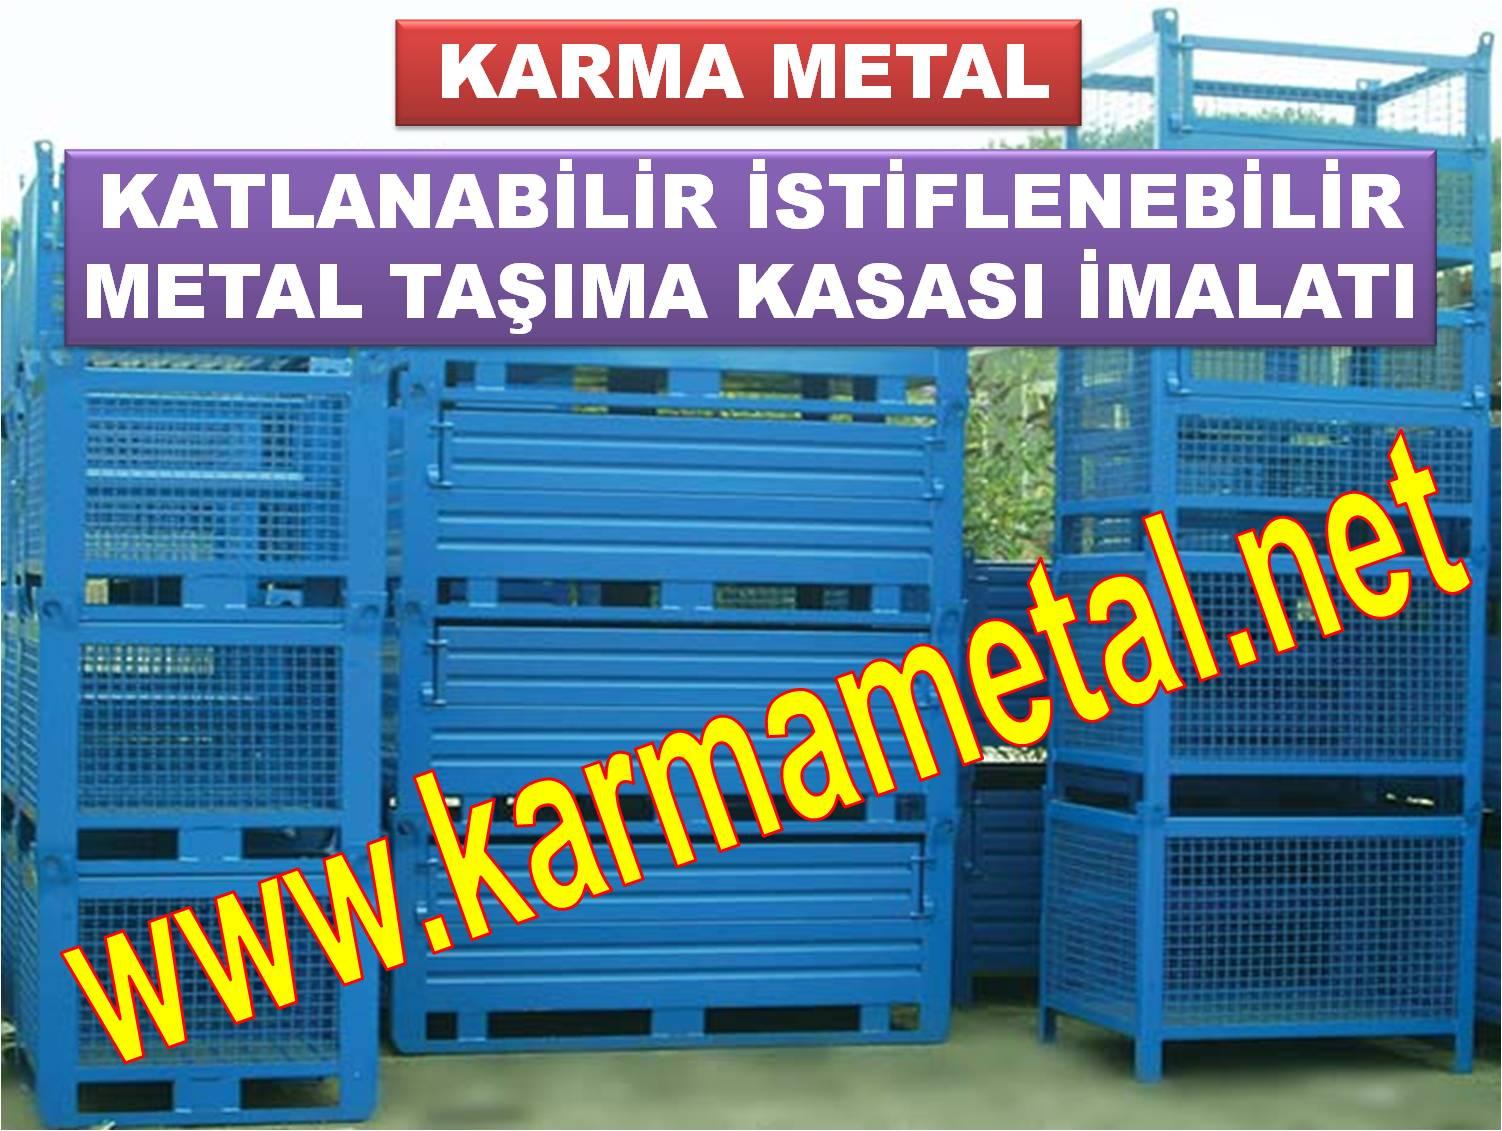 katlanabilir_istiflenebilir_metal_tasima_kasasi_sevkiyat_kasalari_istanbul (1) - ryuklemobi